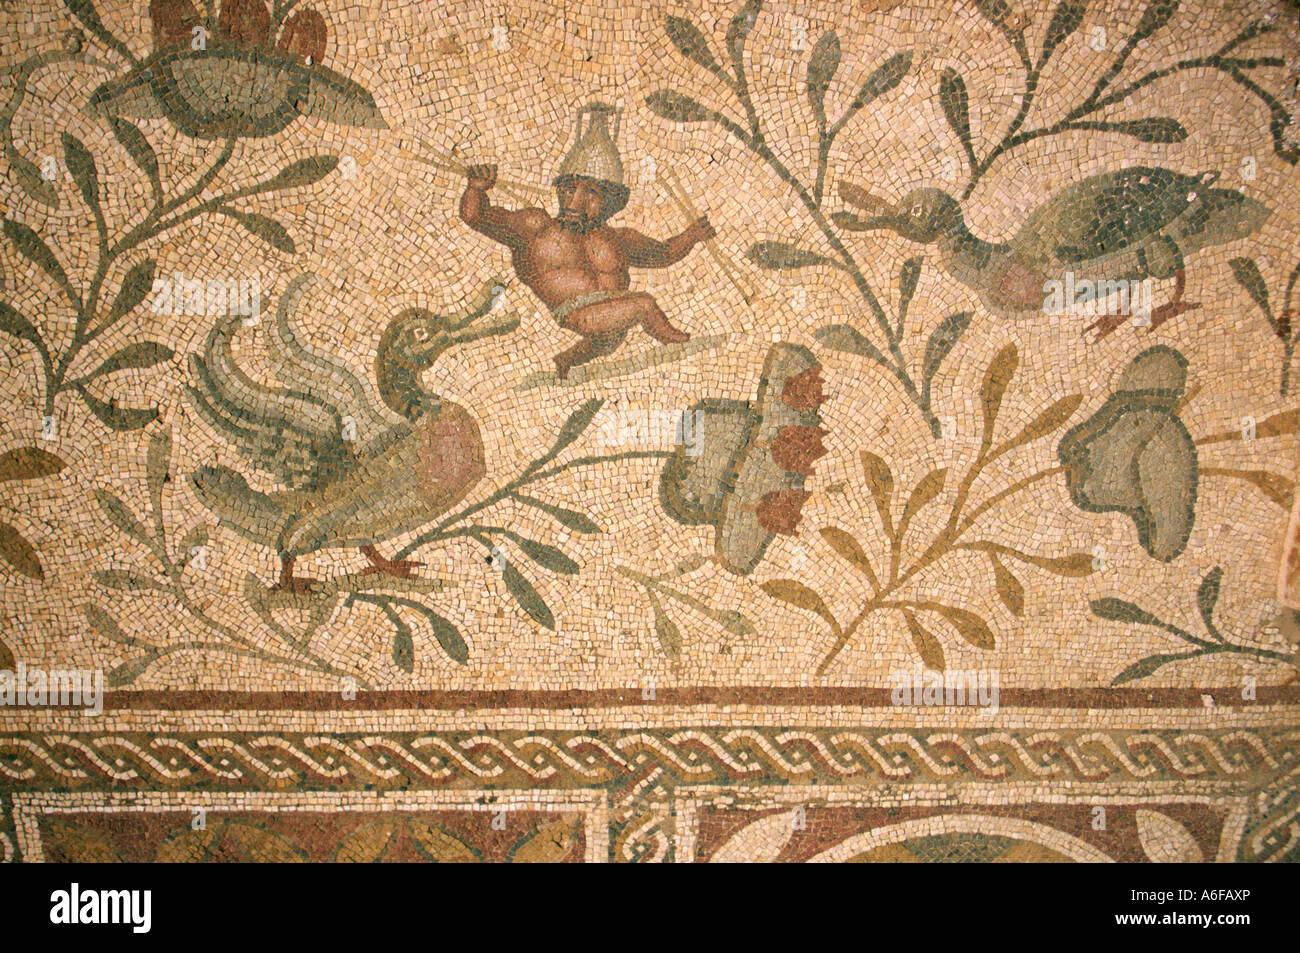 Roman tile mosaic floor